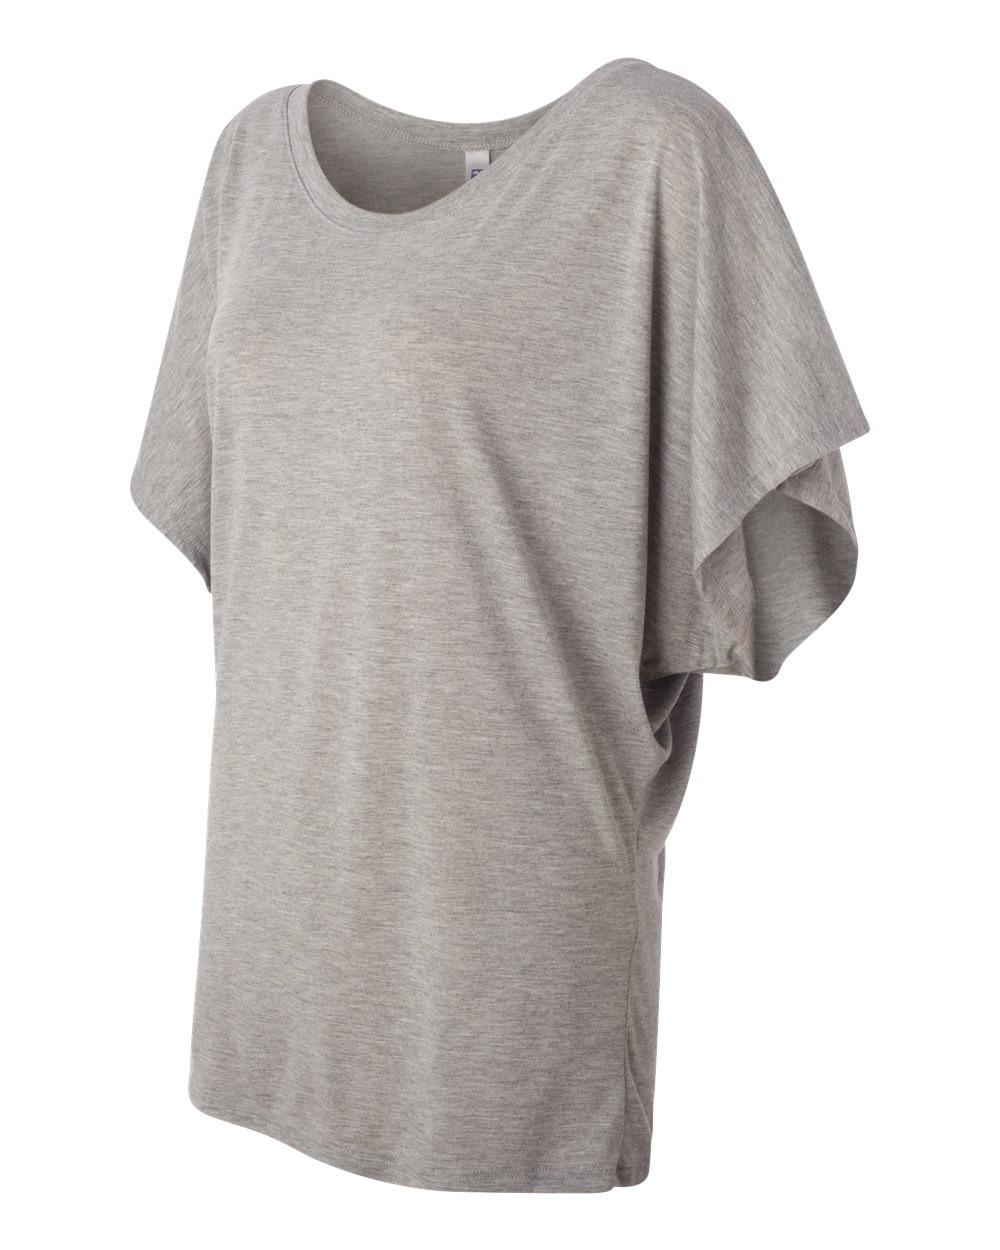 Sonya's Happenings… $100 ClothingShopOnline.com